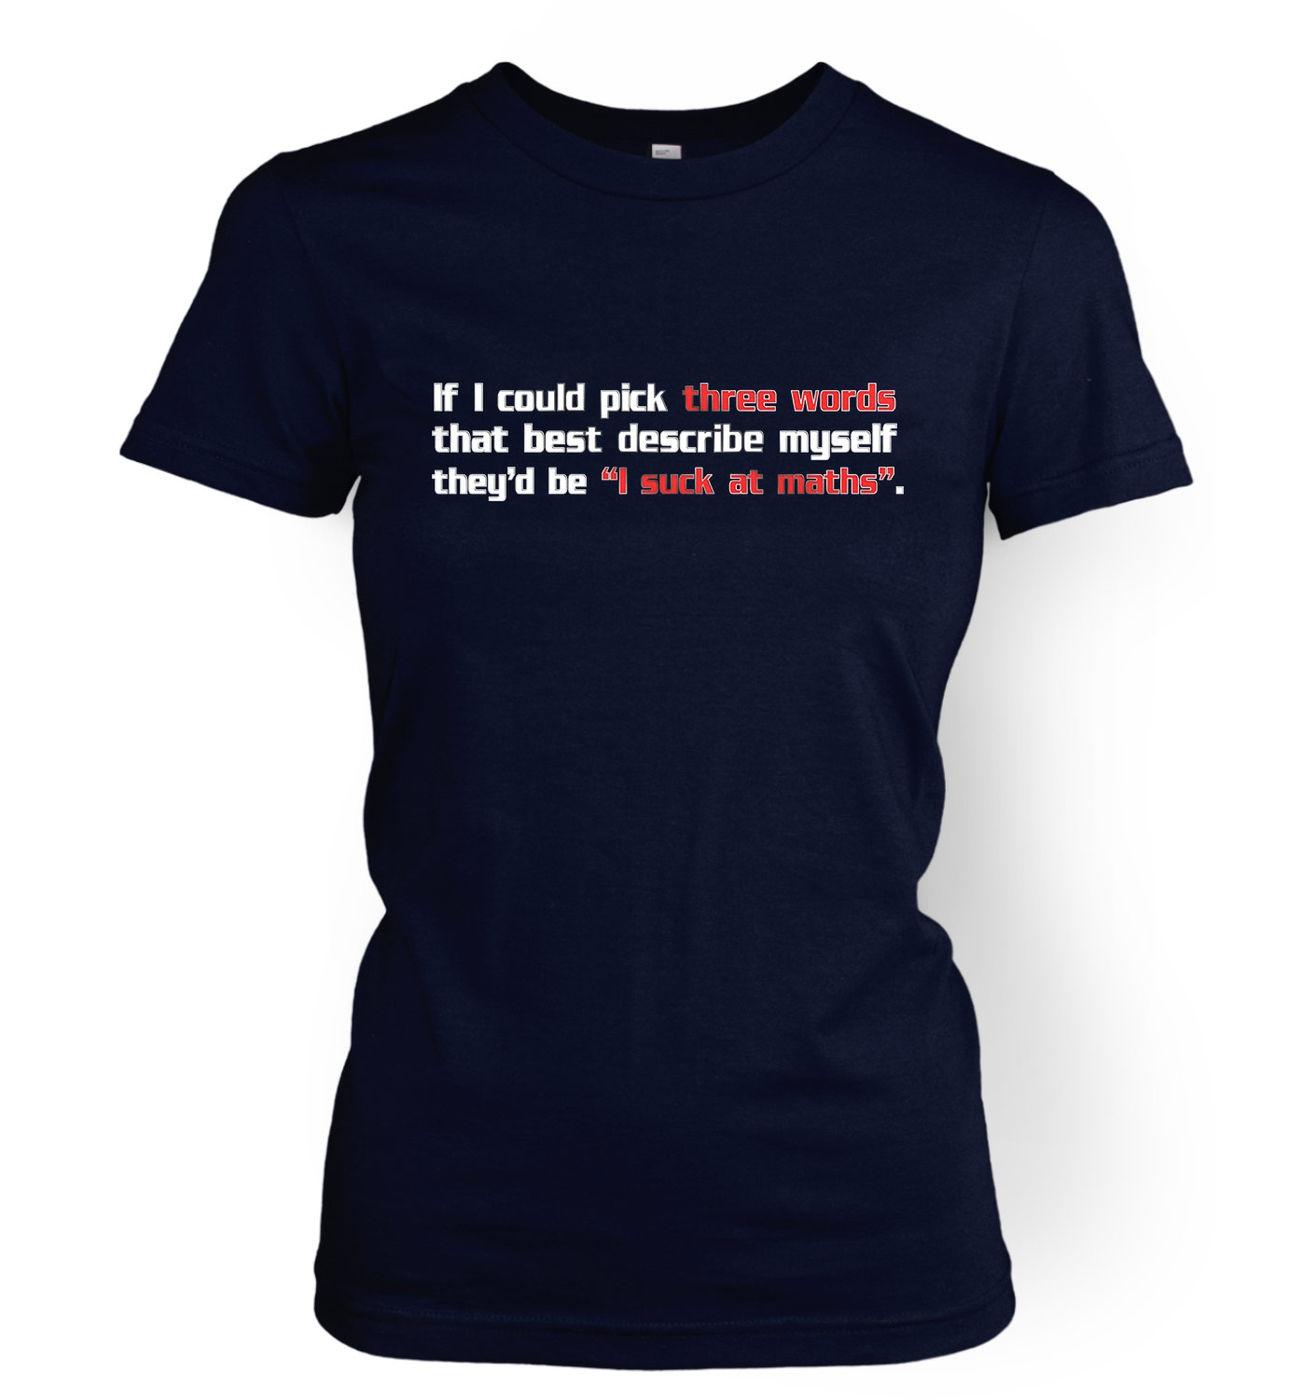 I Suck At Maths women's t-shirt